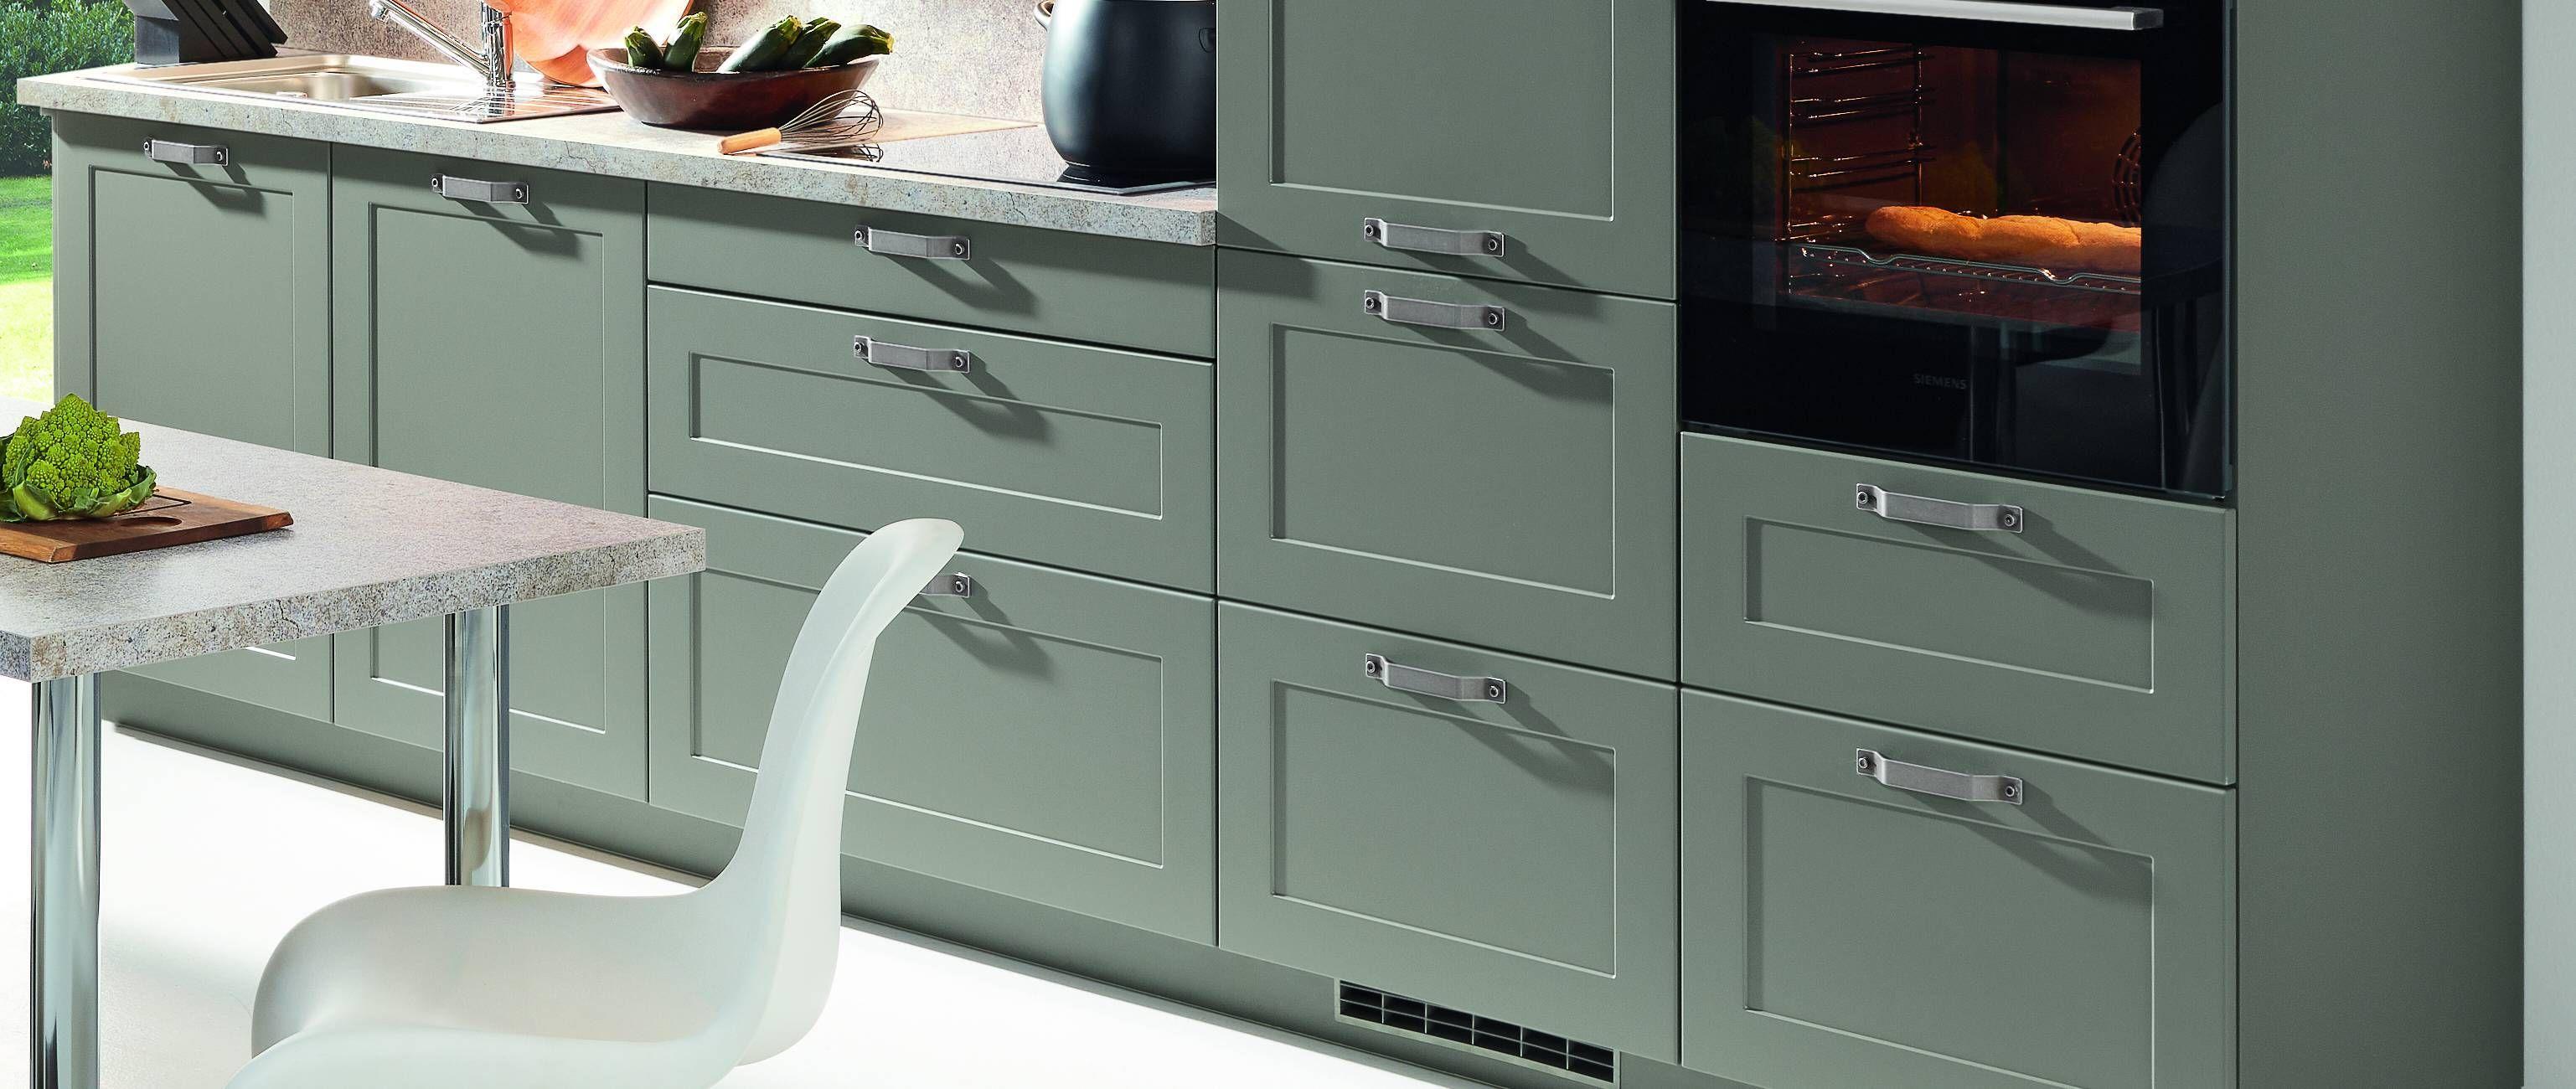 Kuchenzeile Farbe Grau Grun Seidenmatt Mit Kleinen Breiten Griffen Und Heller Arbeitsplatte Bathroom Vanity Double Vanity Kitchen Cabinets